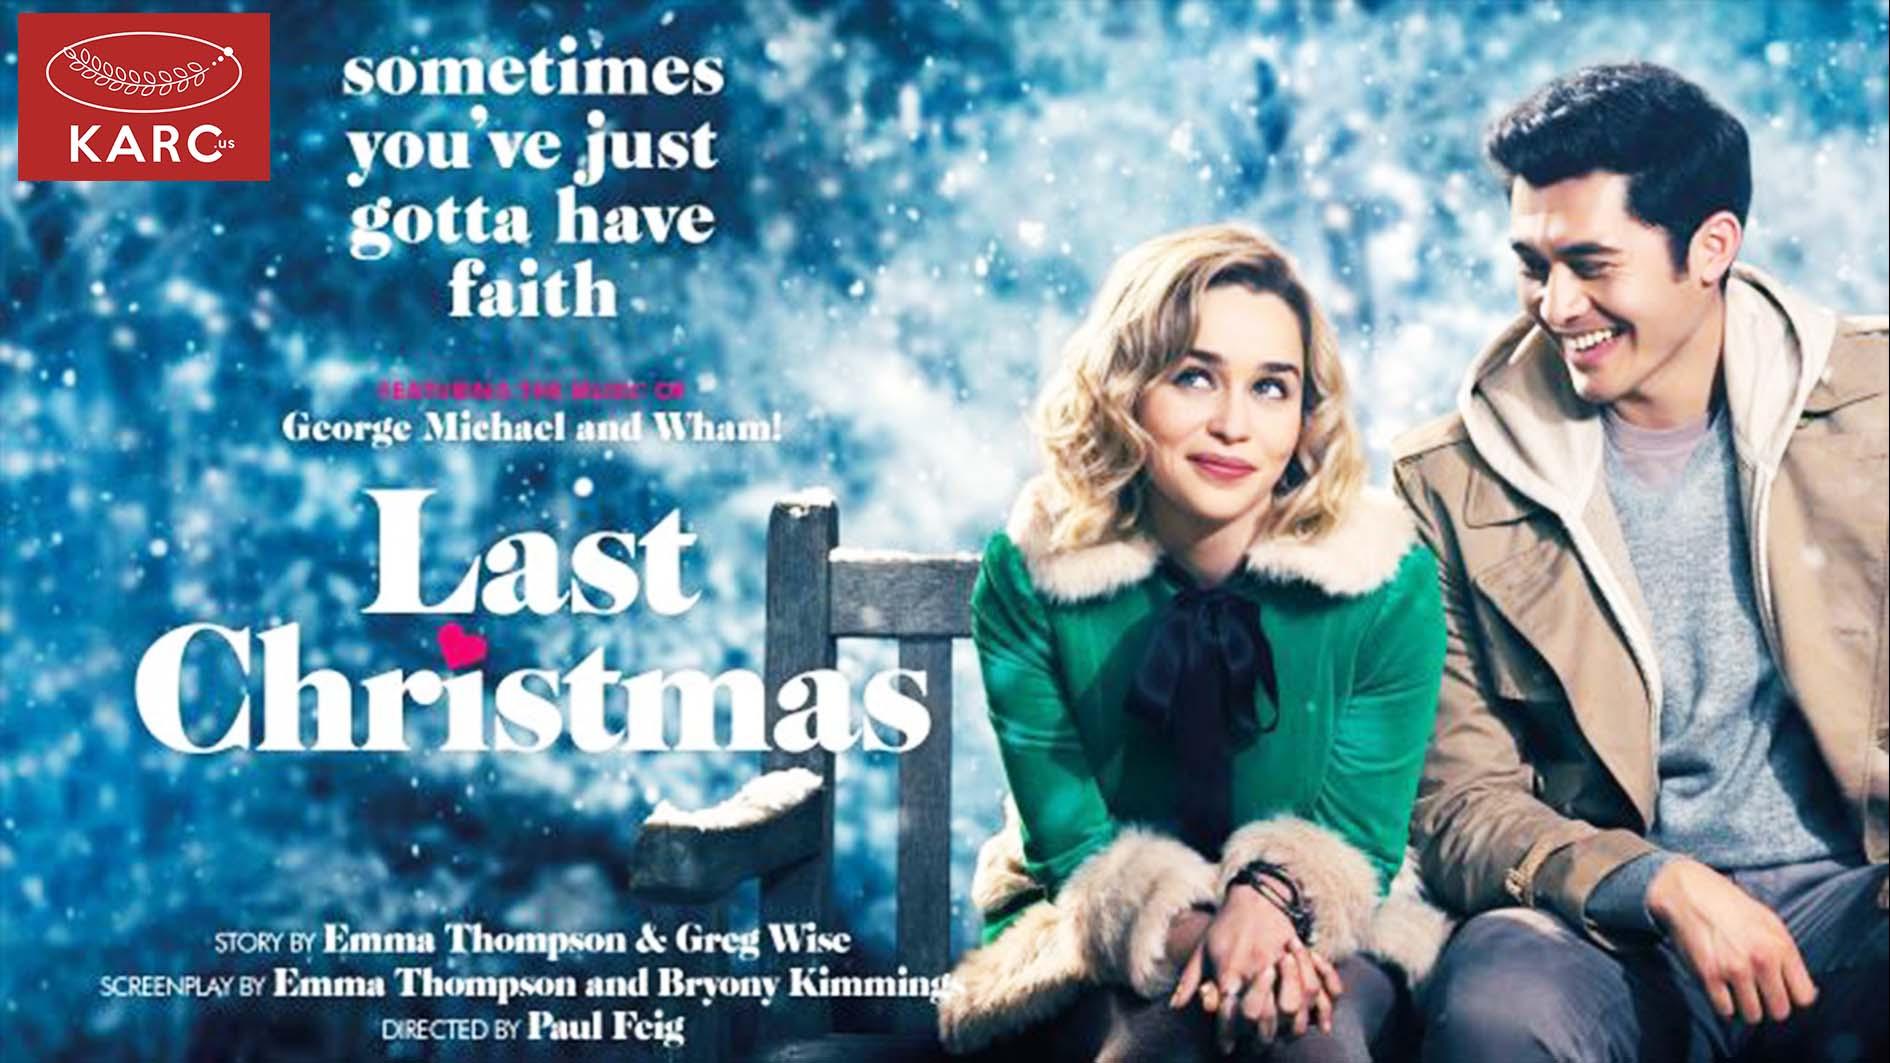 Last Christmas เมื่อบทเพลงในเดือนธันวา ถูกสร้างเป็นภาพยนตร์ - Karc.us